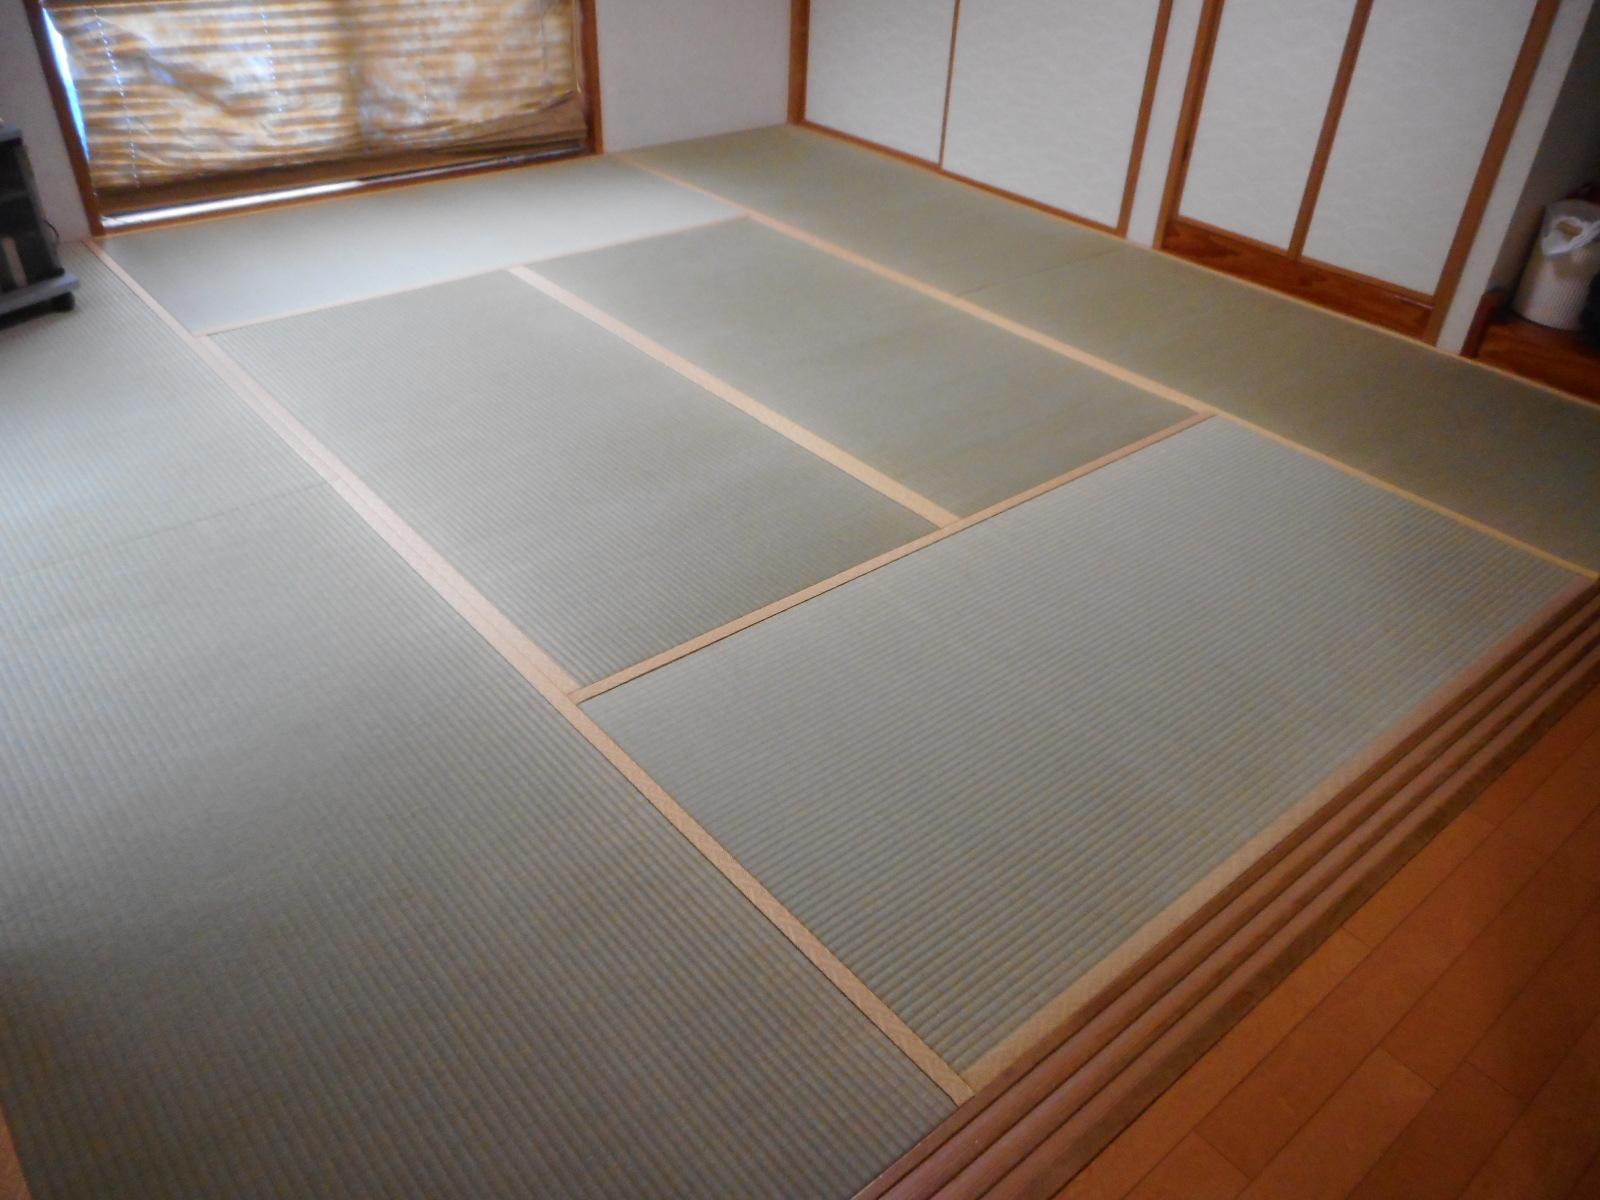 八王子市H様 上級畳おもてで表替えの施工後写真